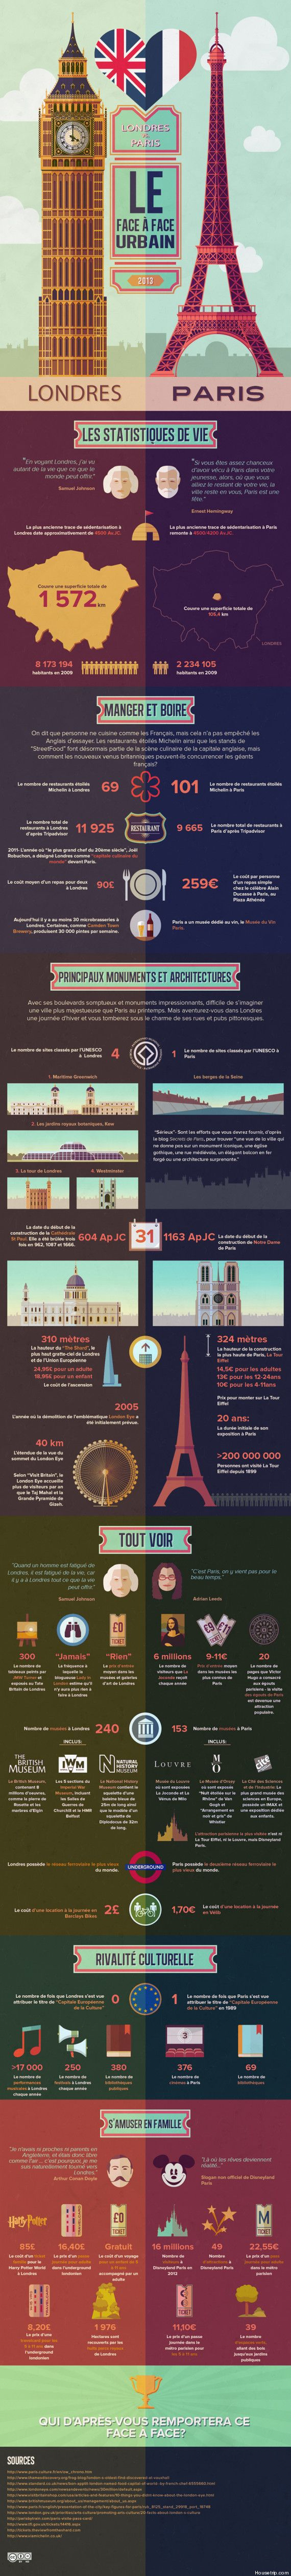 infographie londres paris